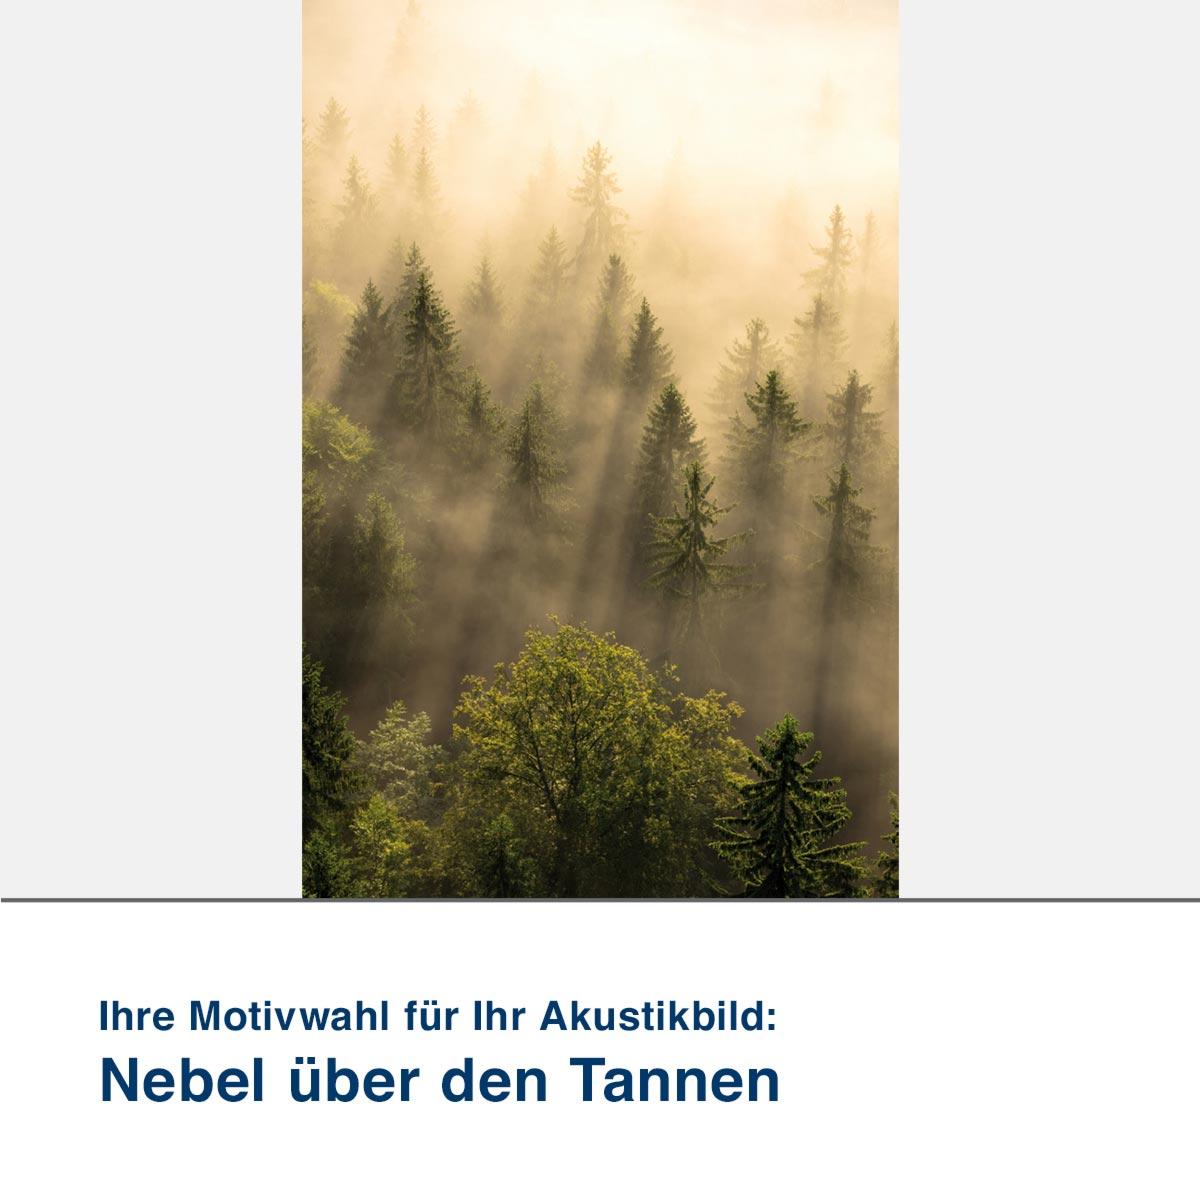 Akustikbild Motiv Nebel über den Tannen